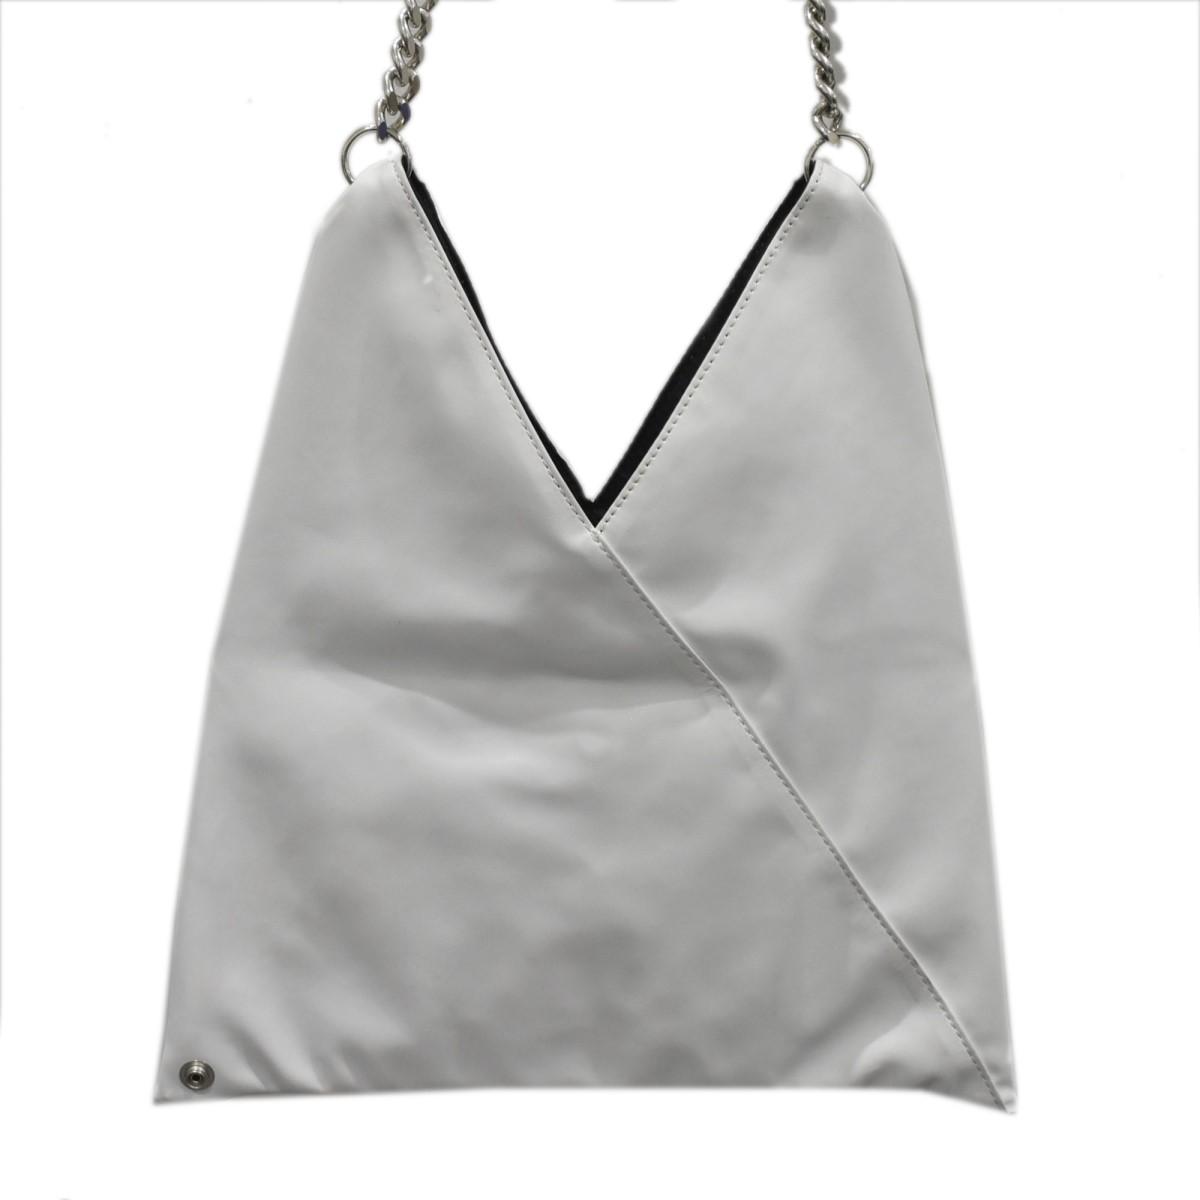 エムエムシックス 中古 MM6 チェーンショルダーバッグ japanese ランキングTOP10 290921 bag サイズ:- ジャパニーズバッグ ホワイト 卸売り